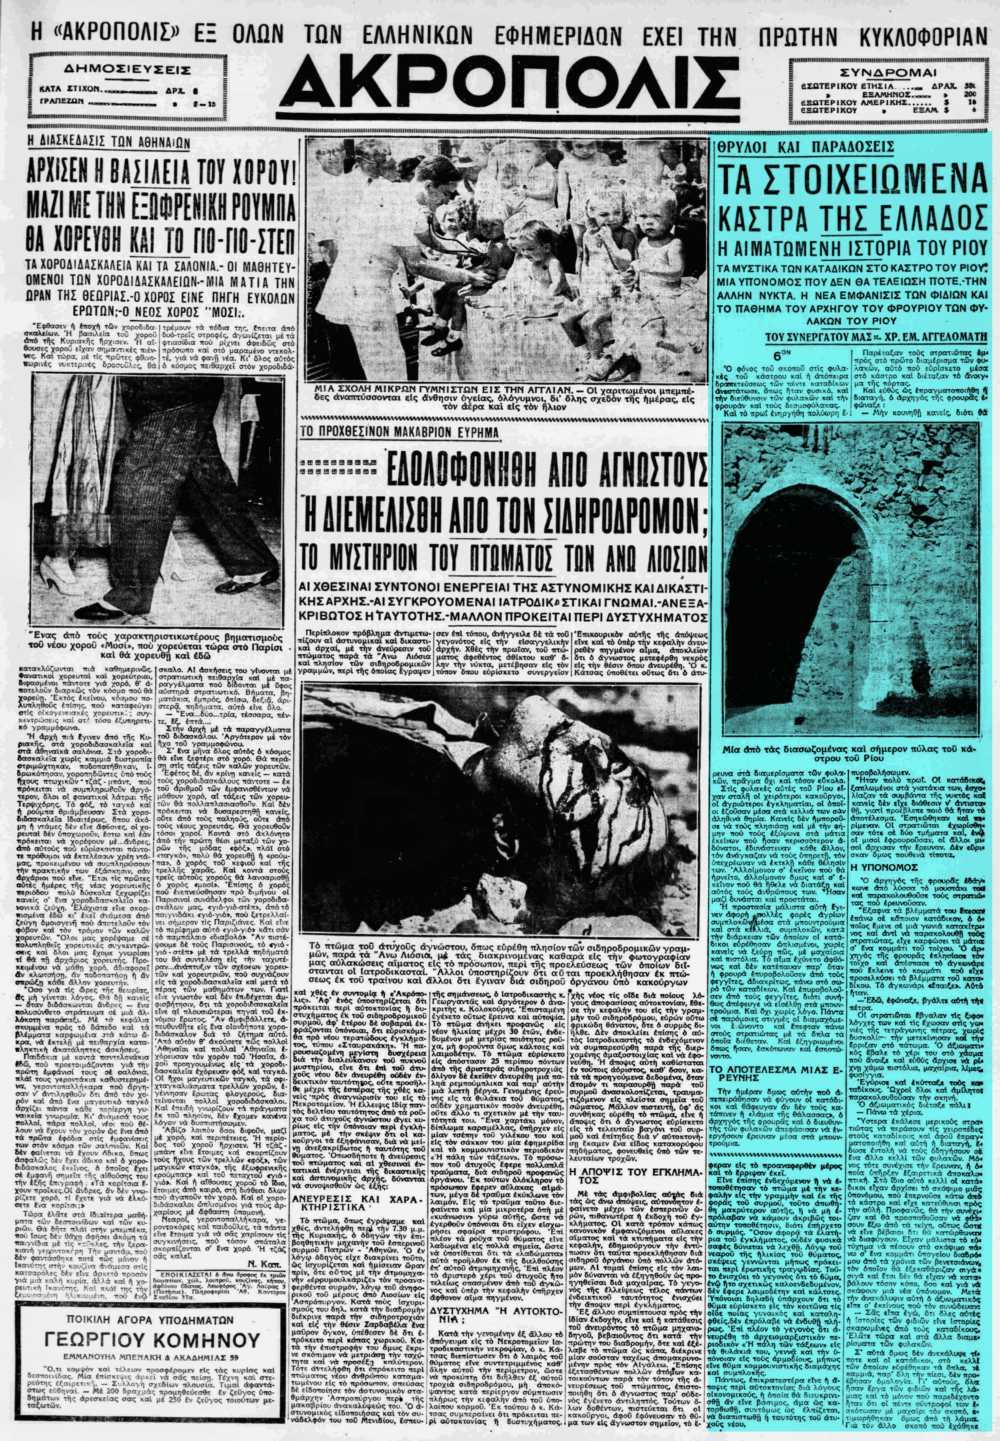 """Το άρθρο, όπως δημοσιεύθηκε στην εφημερίδα """"ΑΚΡΟΠΟΛΙΣ"""", στις 04/10/1932"""